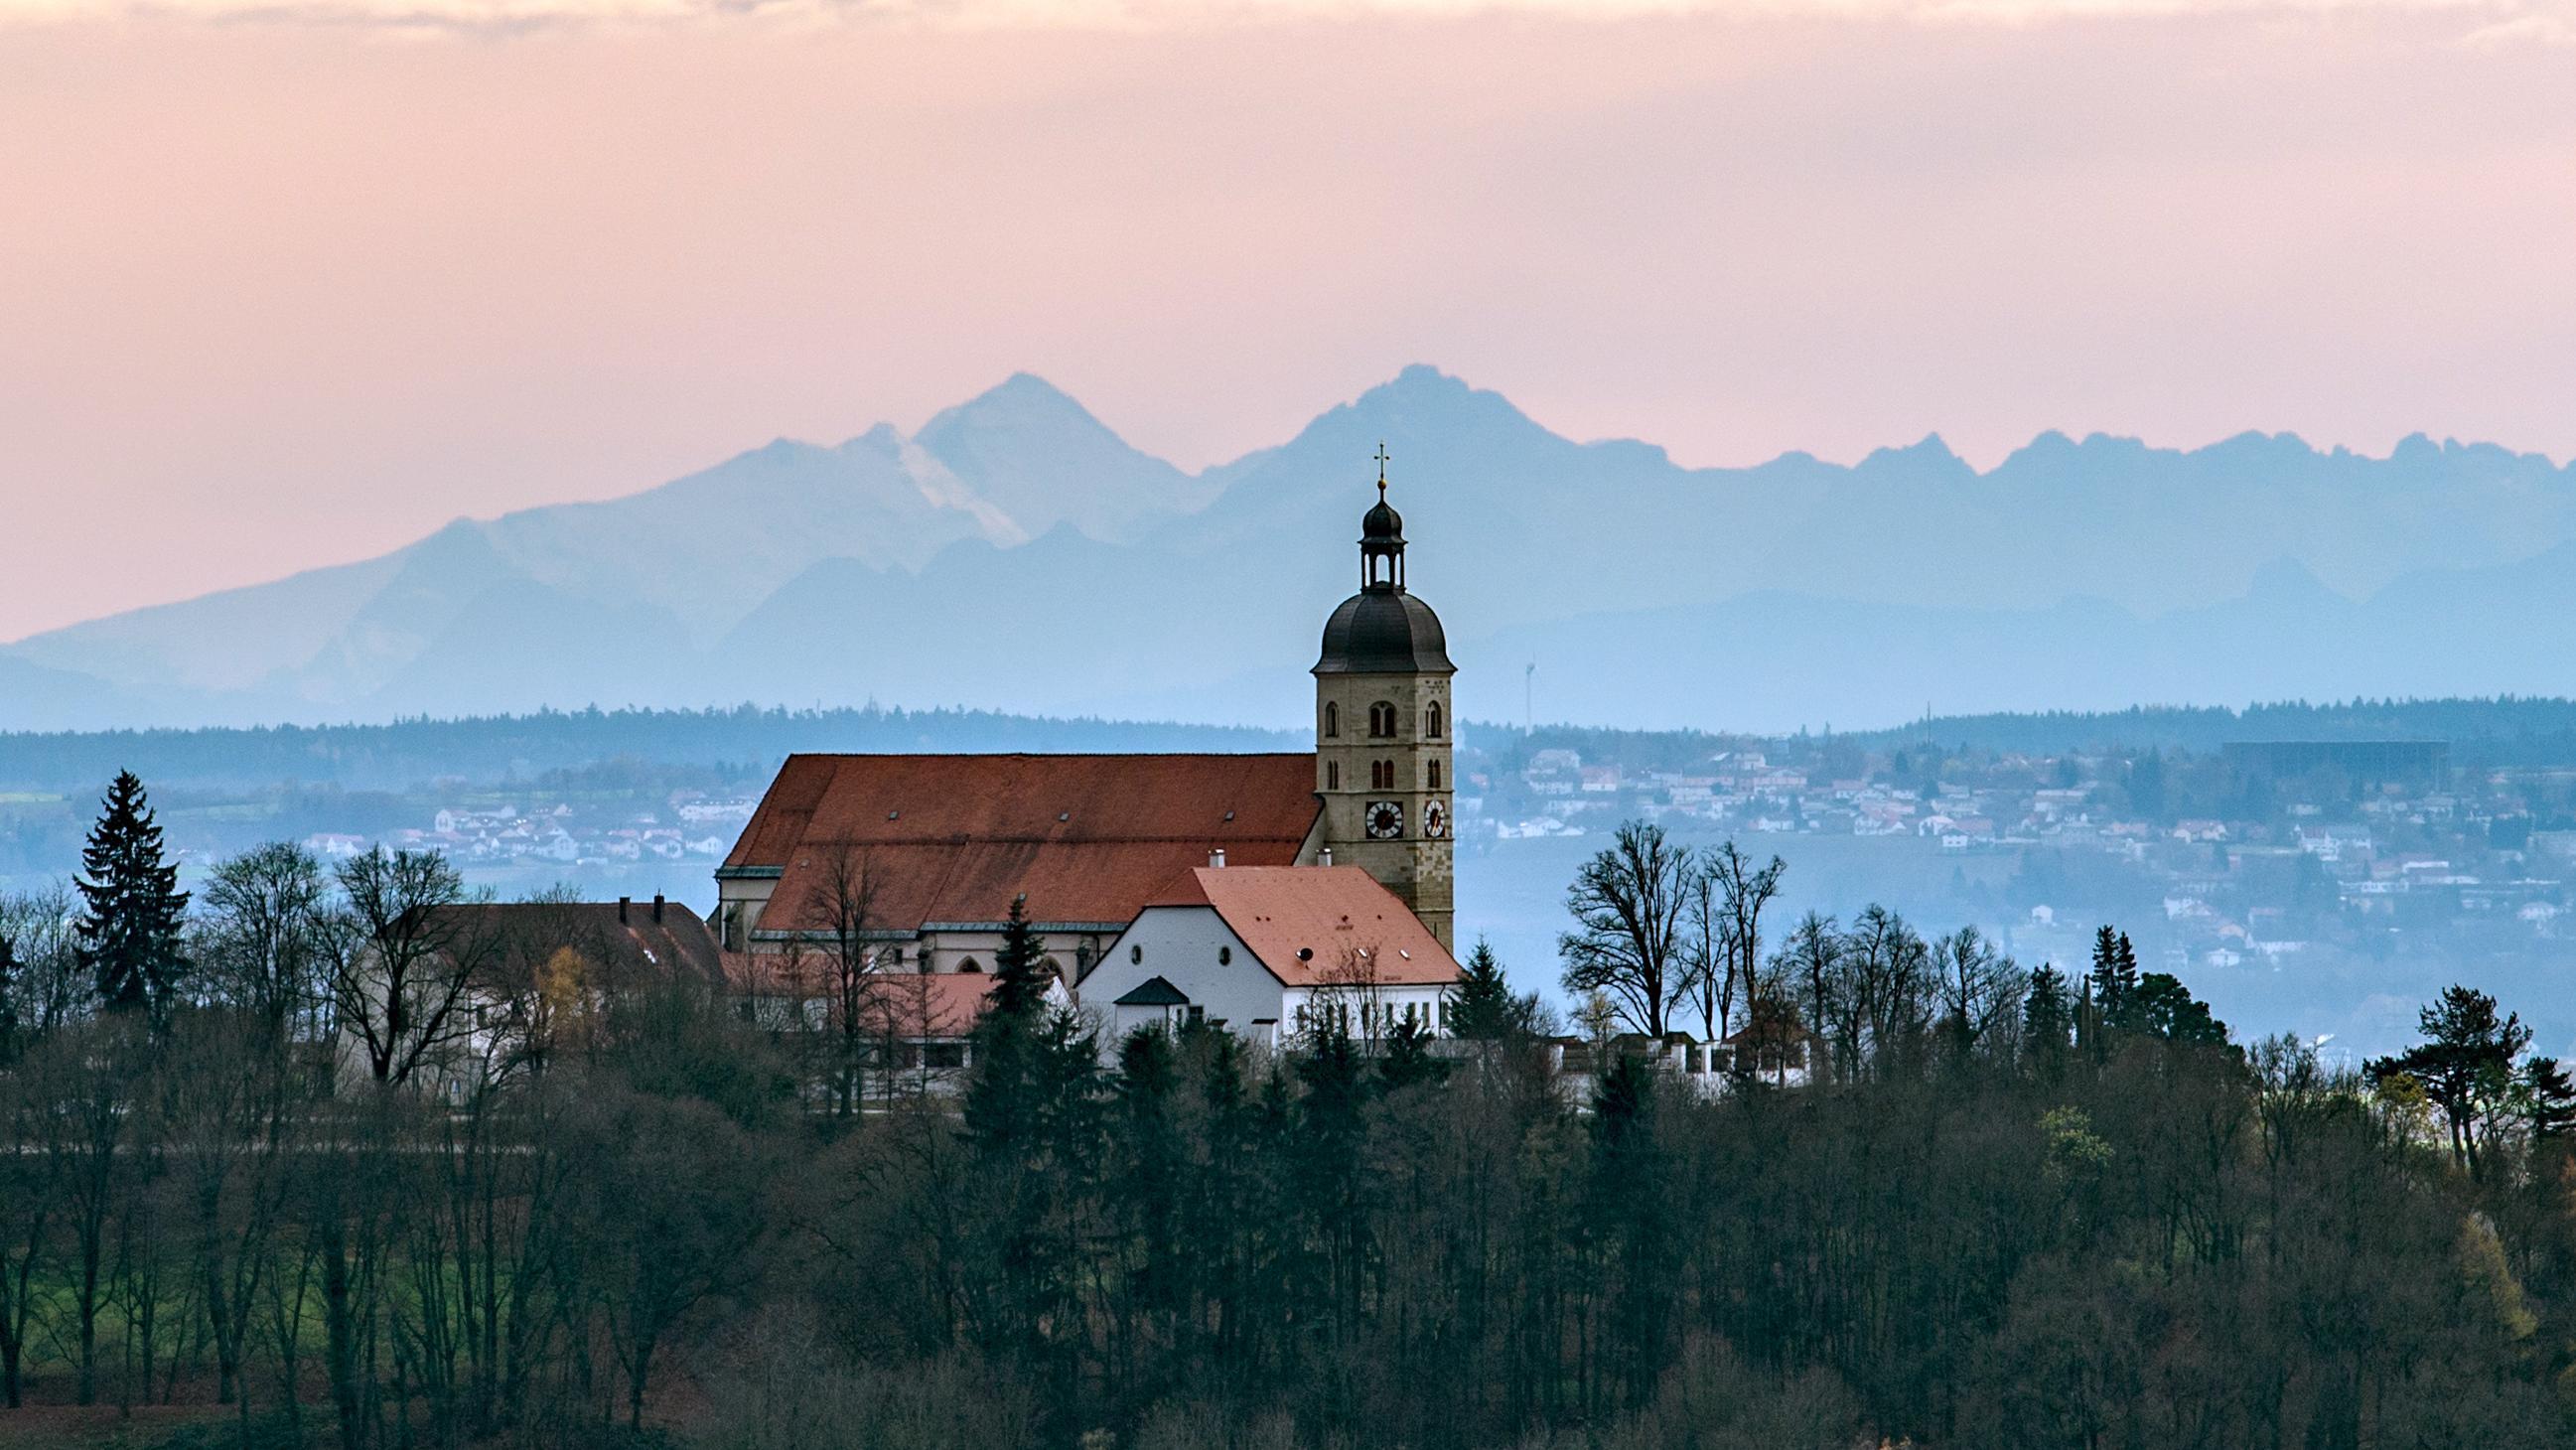 Die Kirchen Kirche Sankt Maria Himmelfahrt auf dem Bogenberg in Niederbayern.